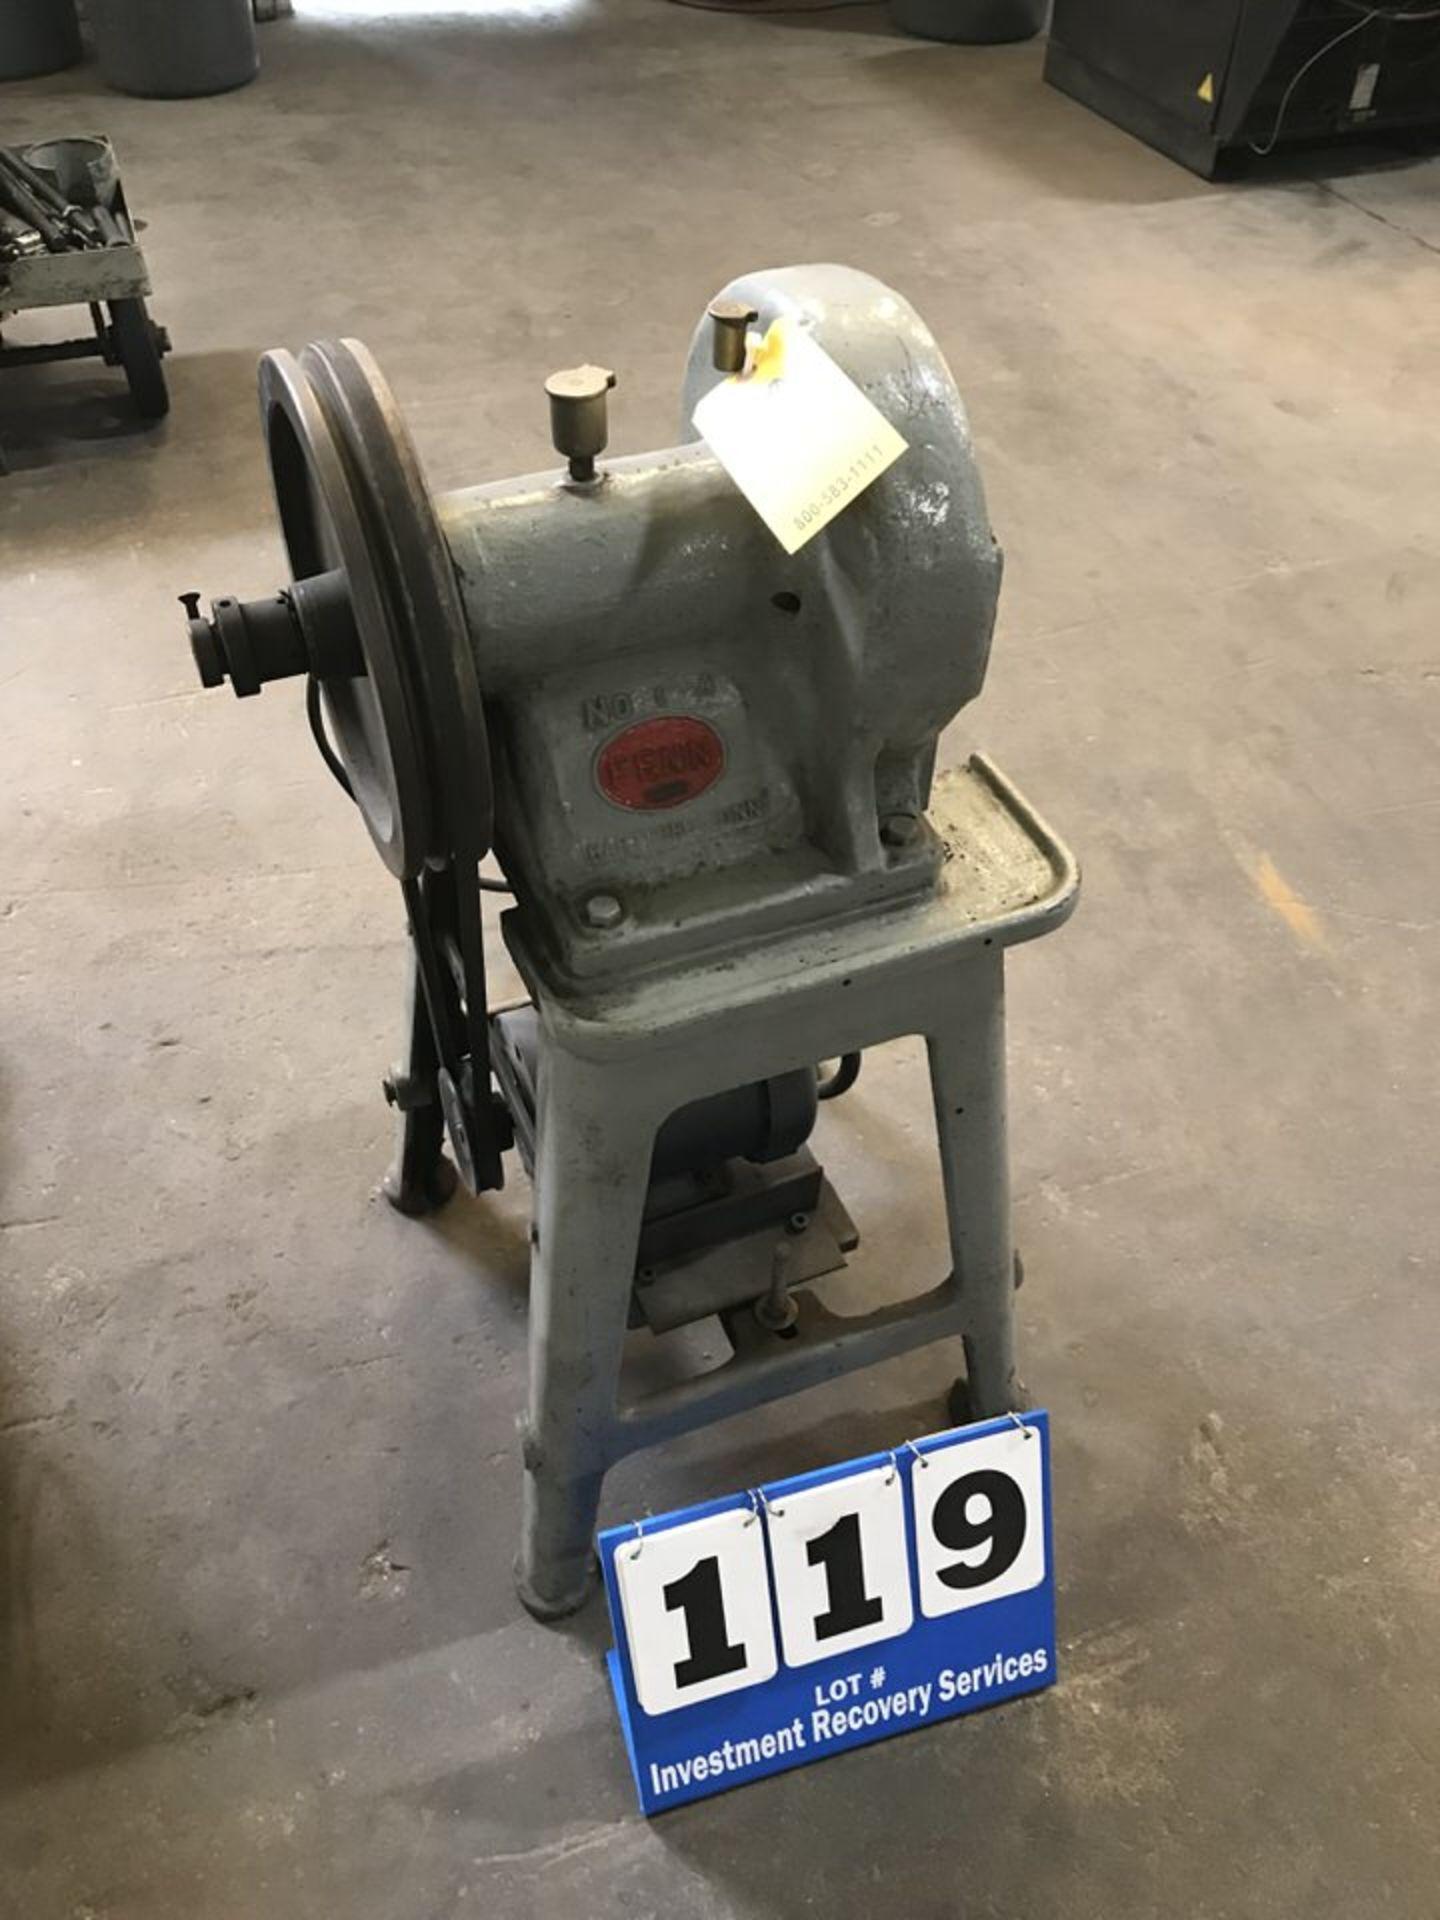 Lot 119 - Fen #1A Grinder (LOCATION 1: 3421 N SYLVANIA, FT WORTH, TX, 76111)